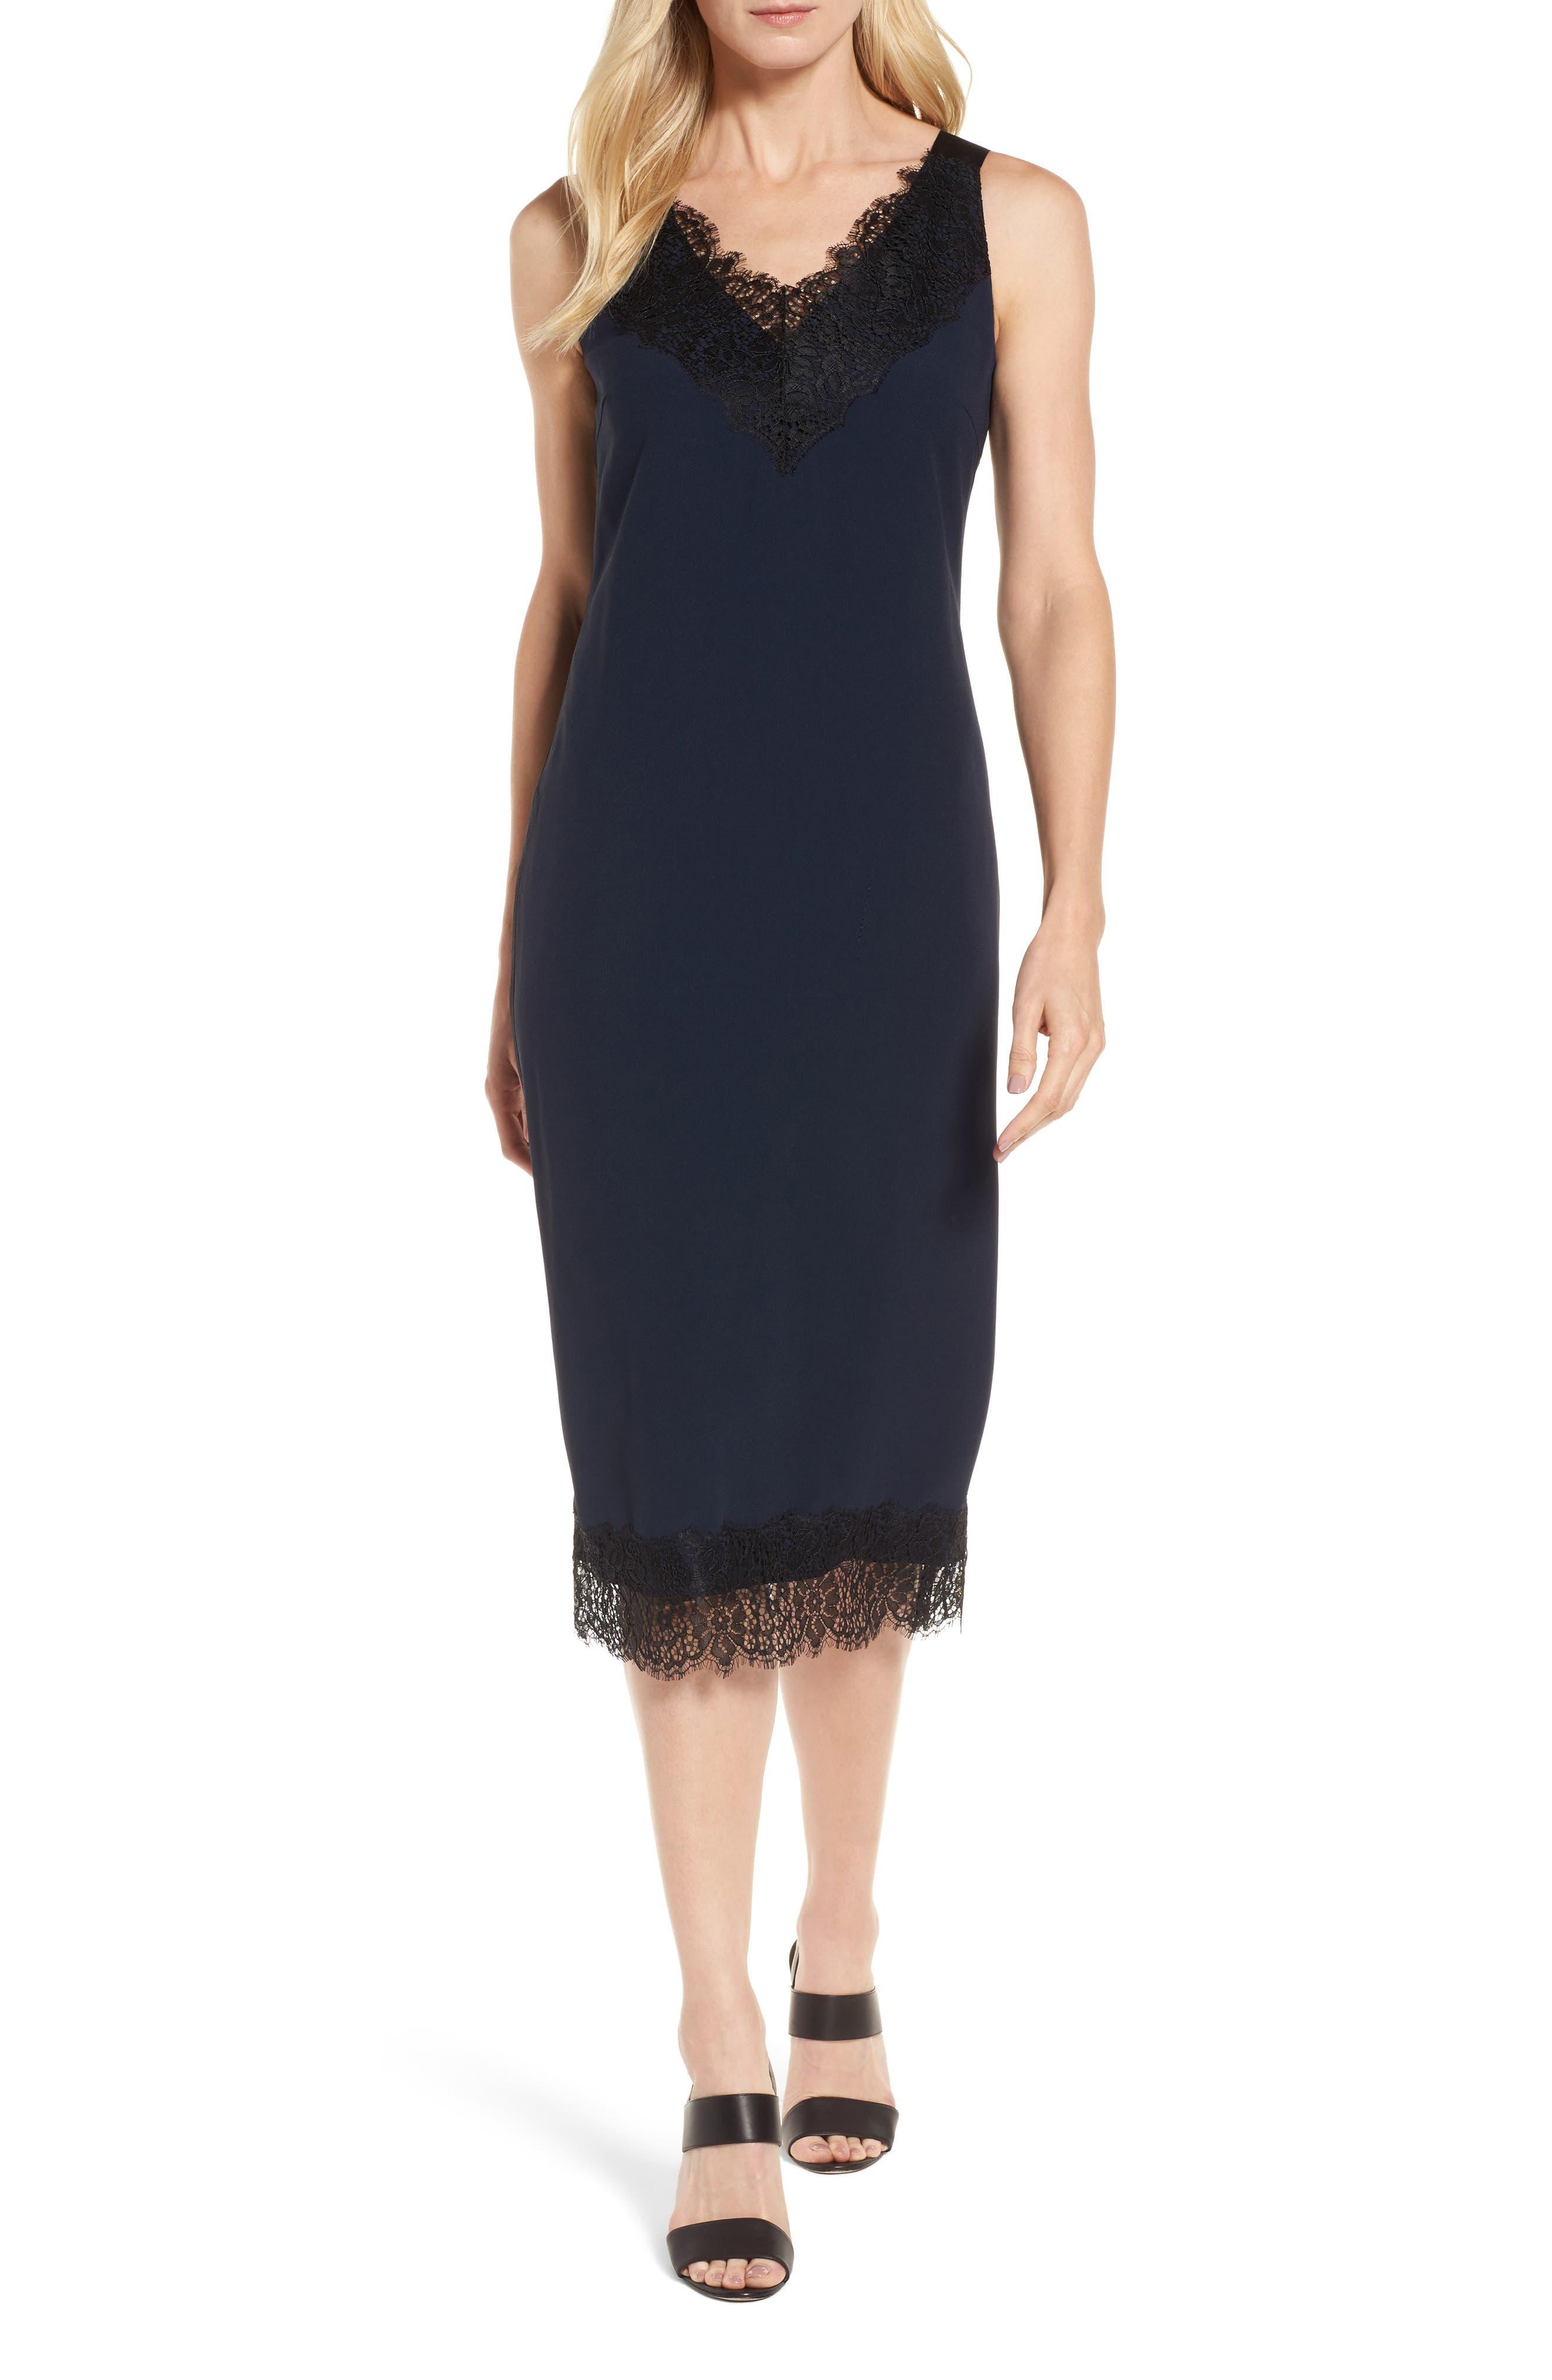 Haminka Lace Trim Shift Dress,                             Main thumbnail 1, color,                             480